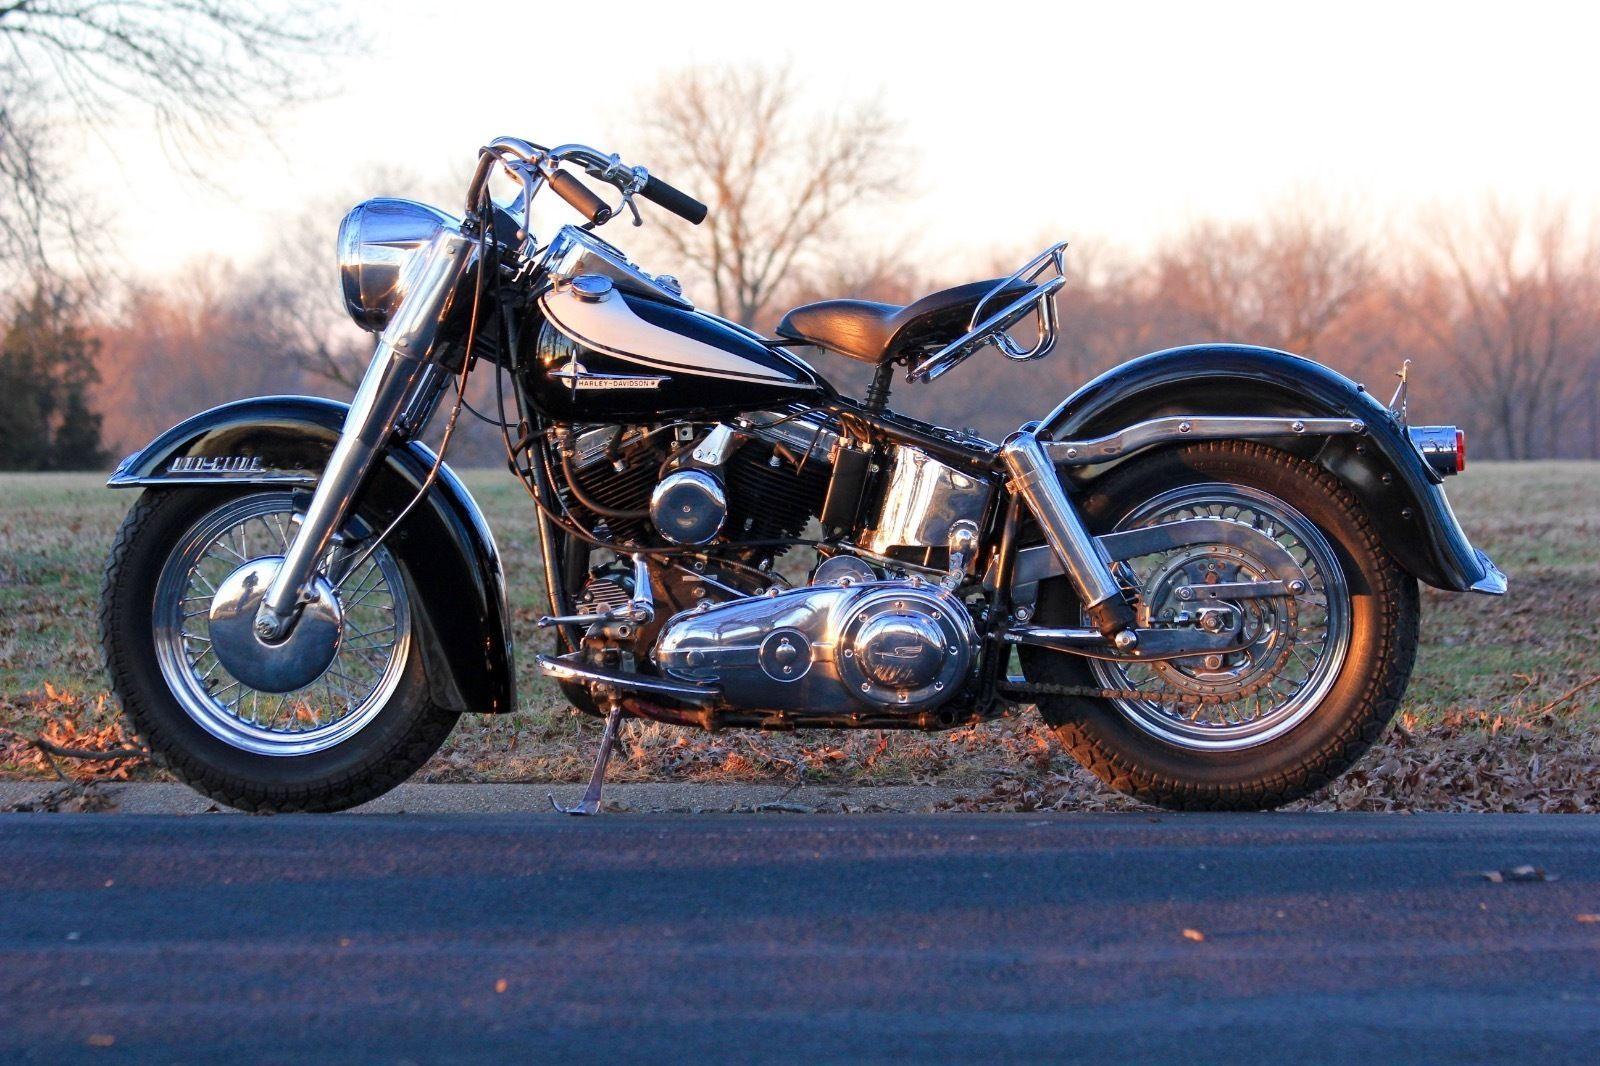 1962 Harley Davidson Flh Panhead Harley Harley Davidson Motorcycles Harley Davidson Trike